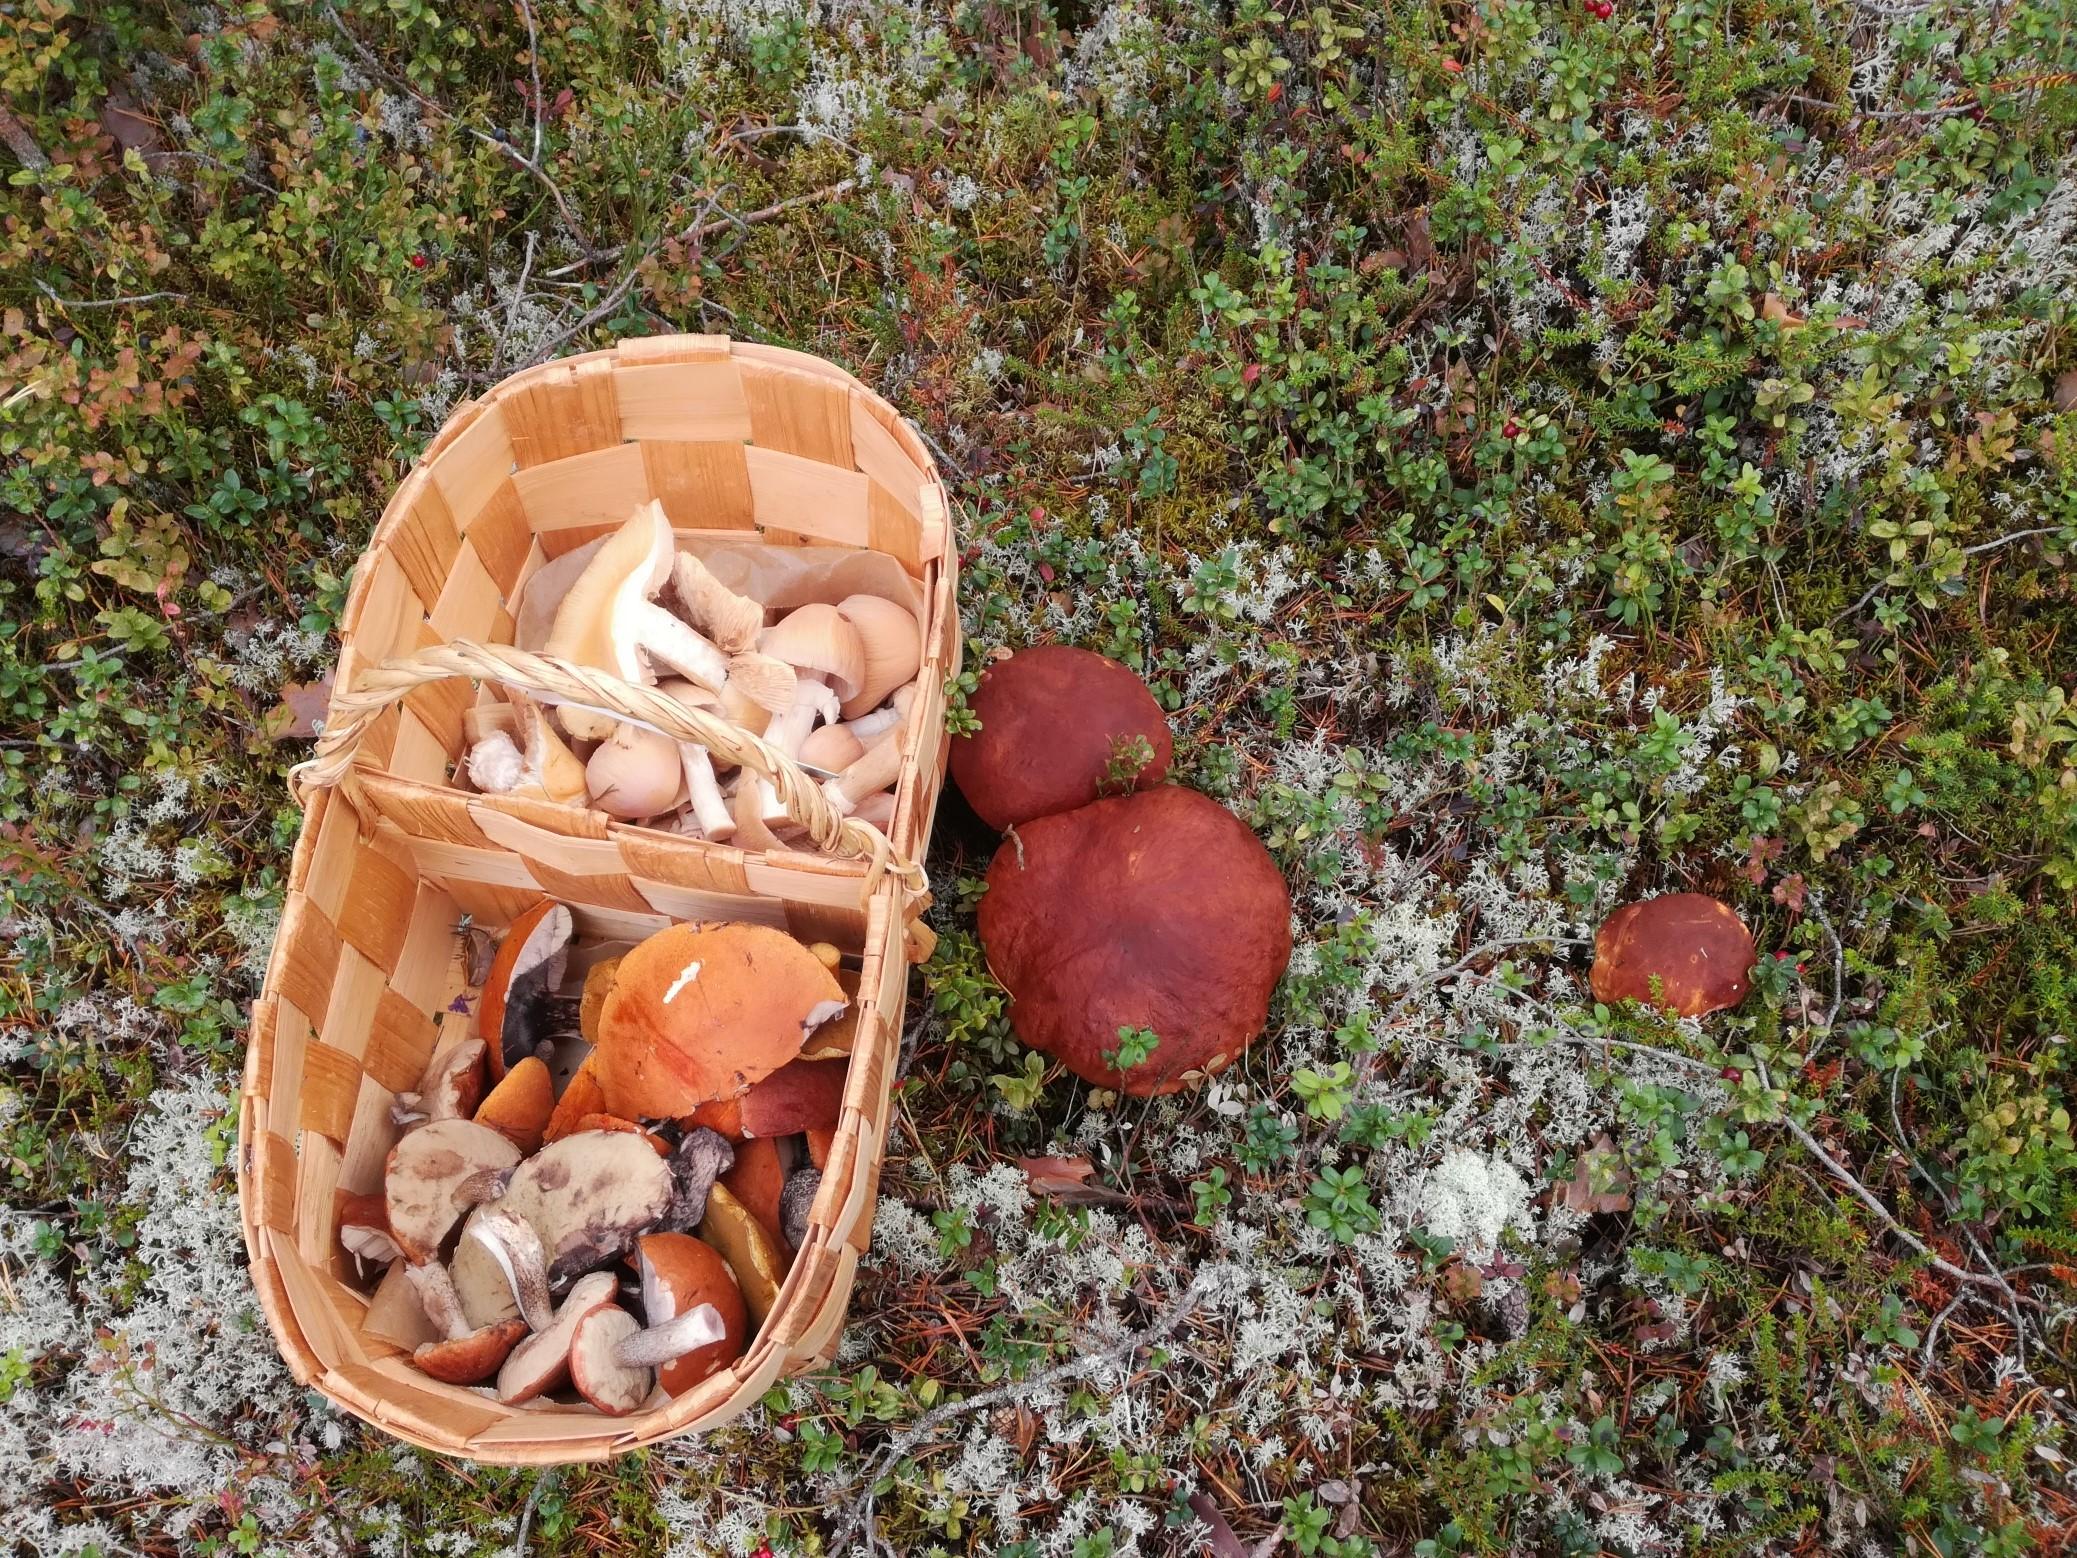 Villiyrttikurssit ja sienikurssit